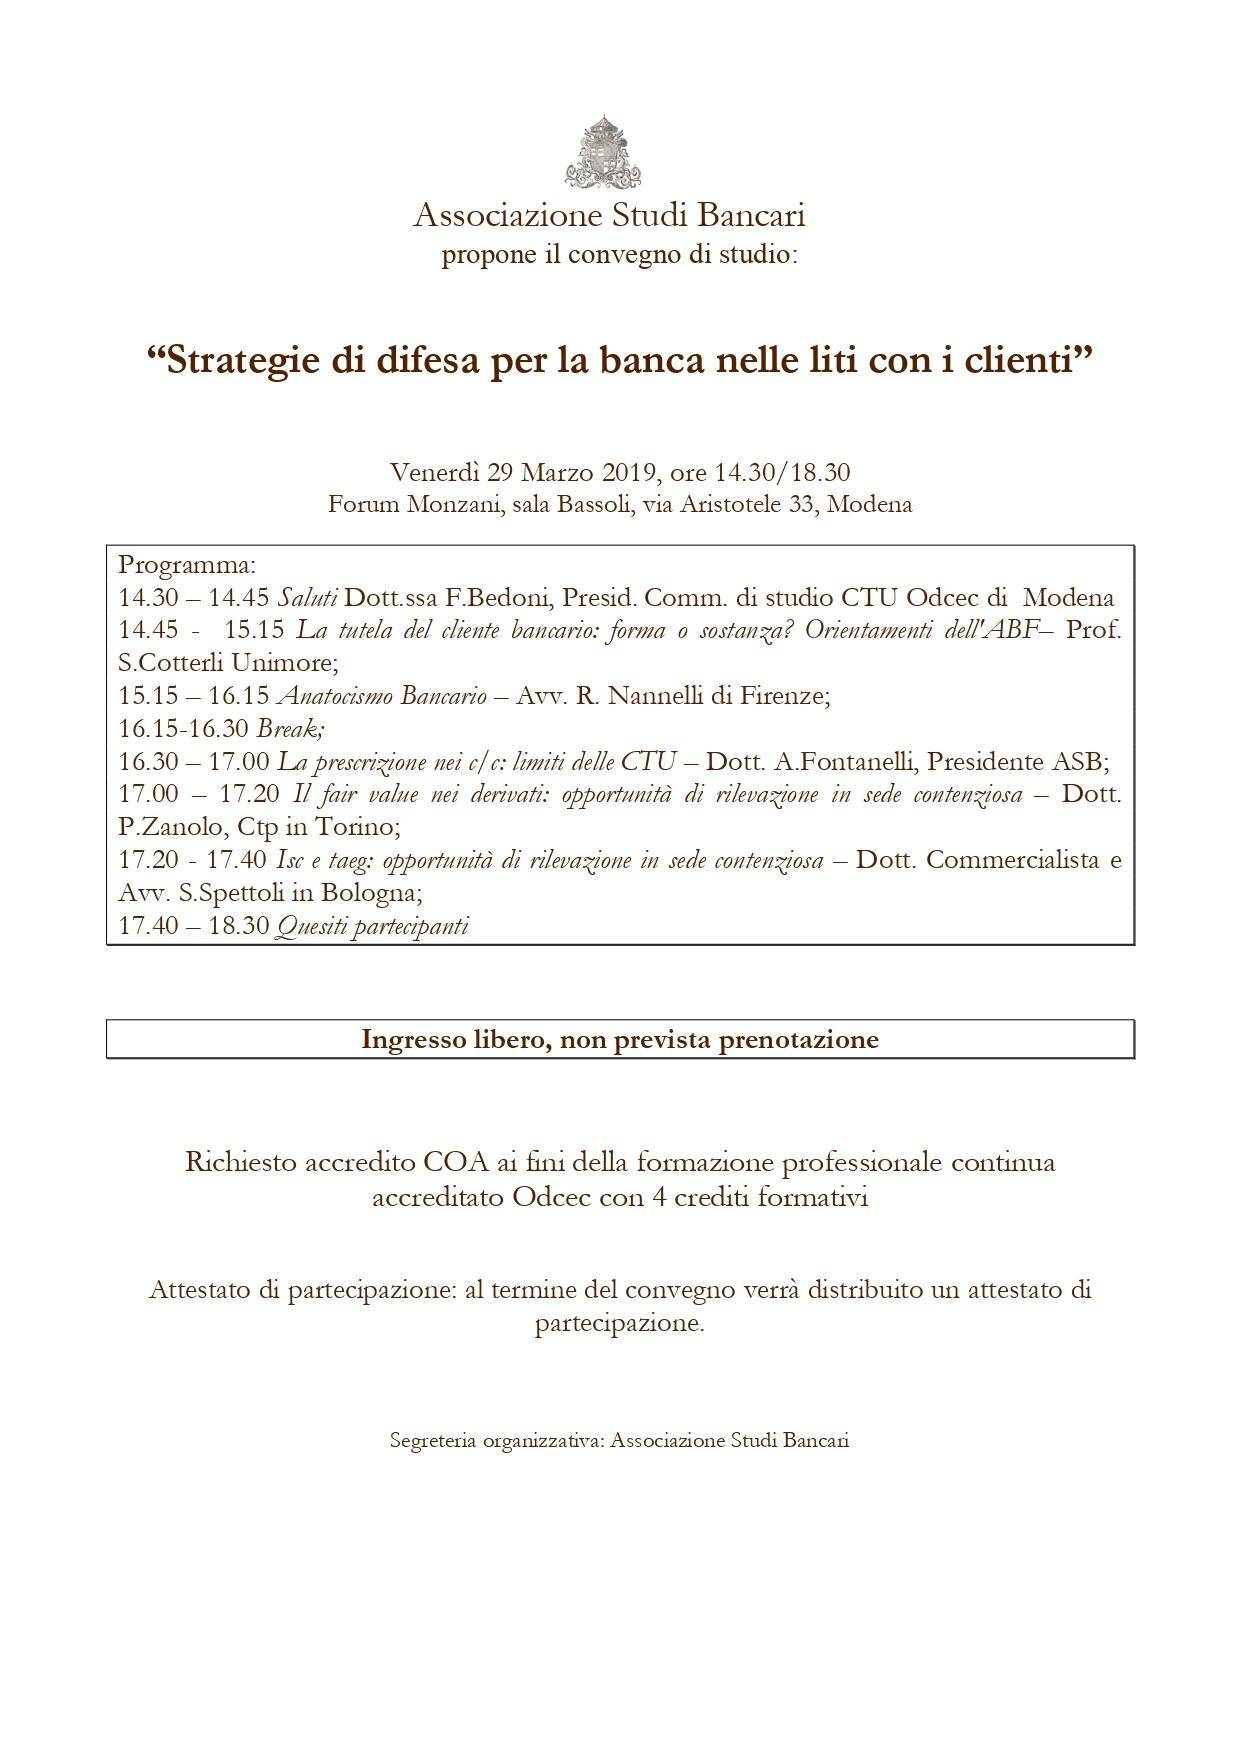 Pieghevole29.3.19Modena_page-0001